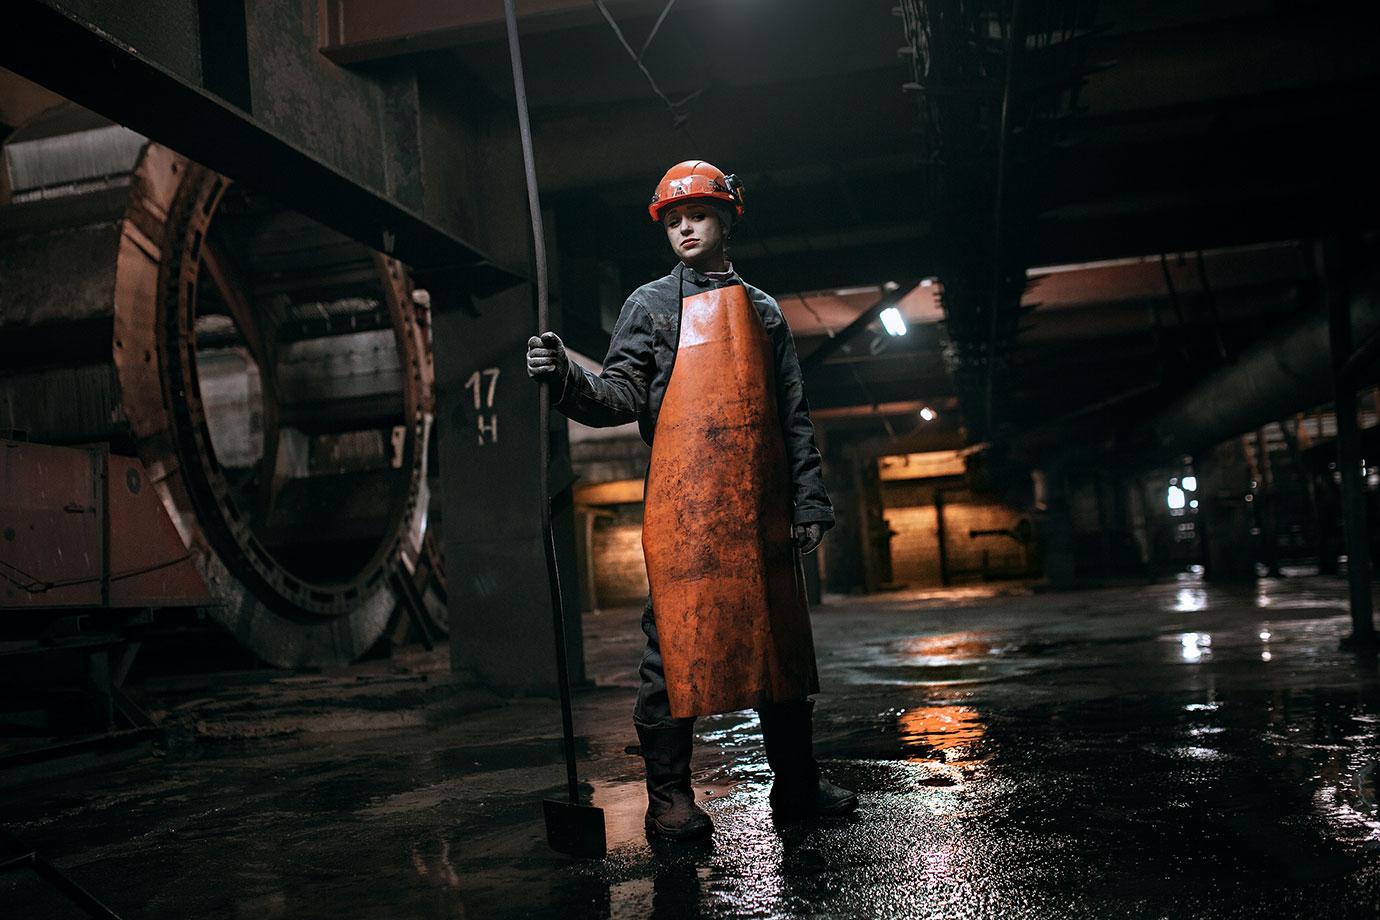 фото Работа новосибирского фотографа попала в число самых человечных снимков мира 2